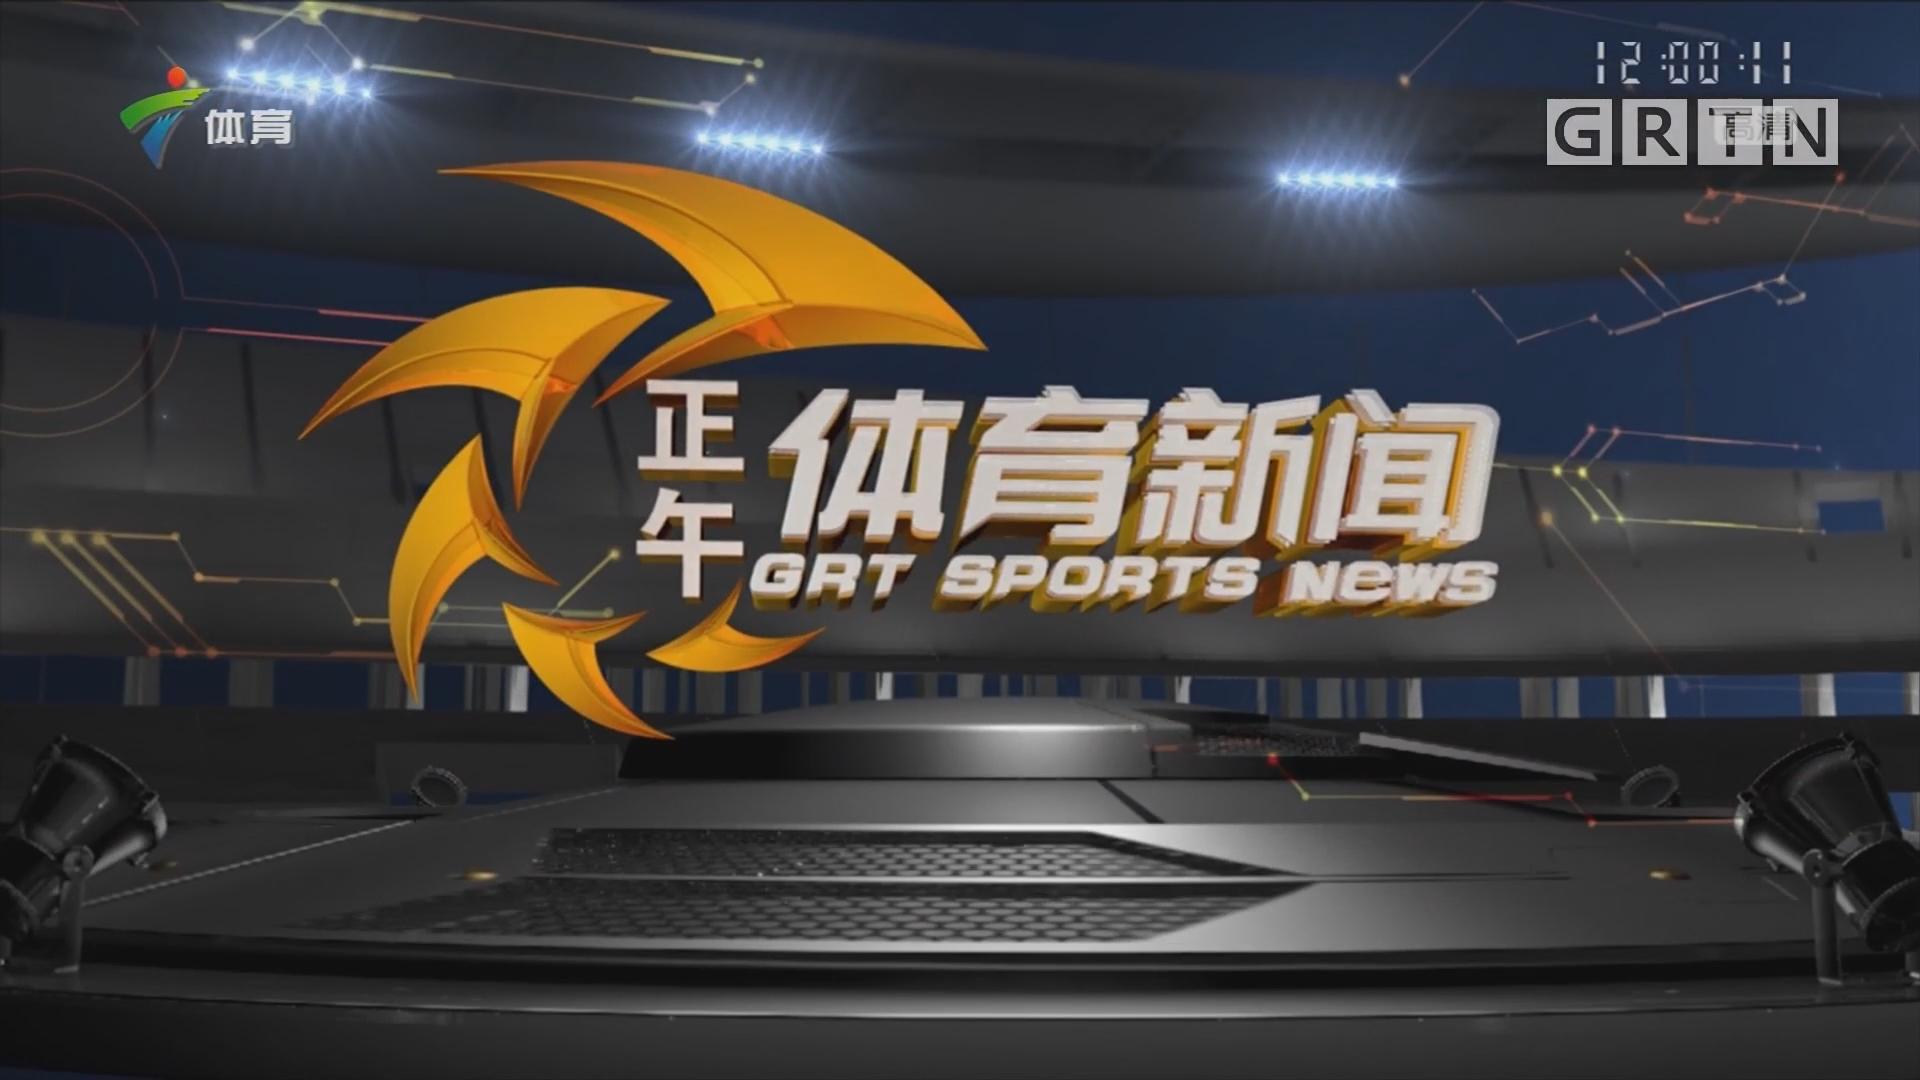 [HD][2018-09-13]正午体育新闻:外援重组带来的质变 间歇期后广州恒大重回争冠行列